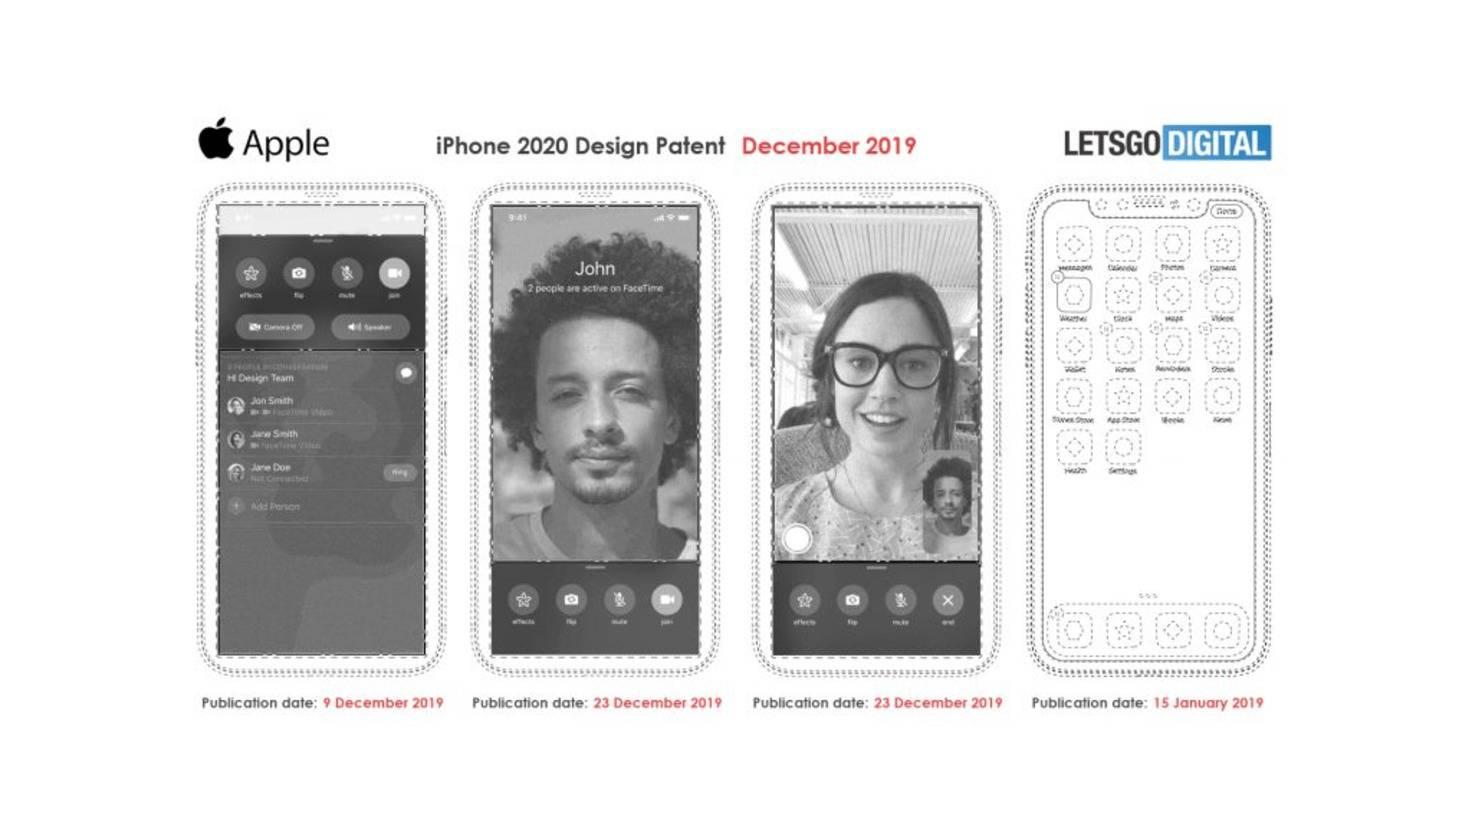 iphone-2020-design-patente